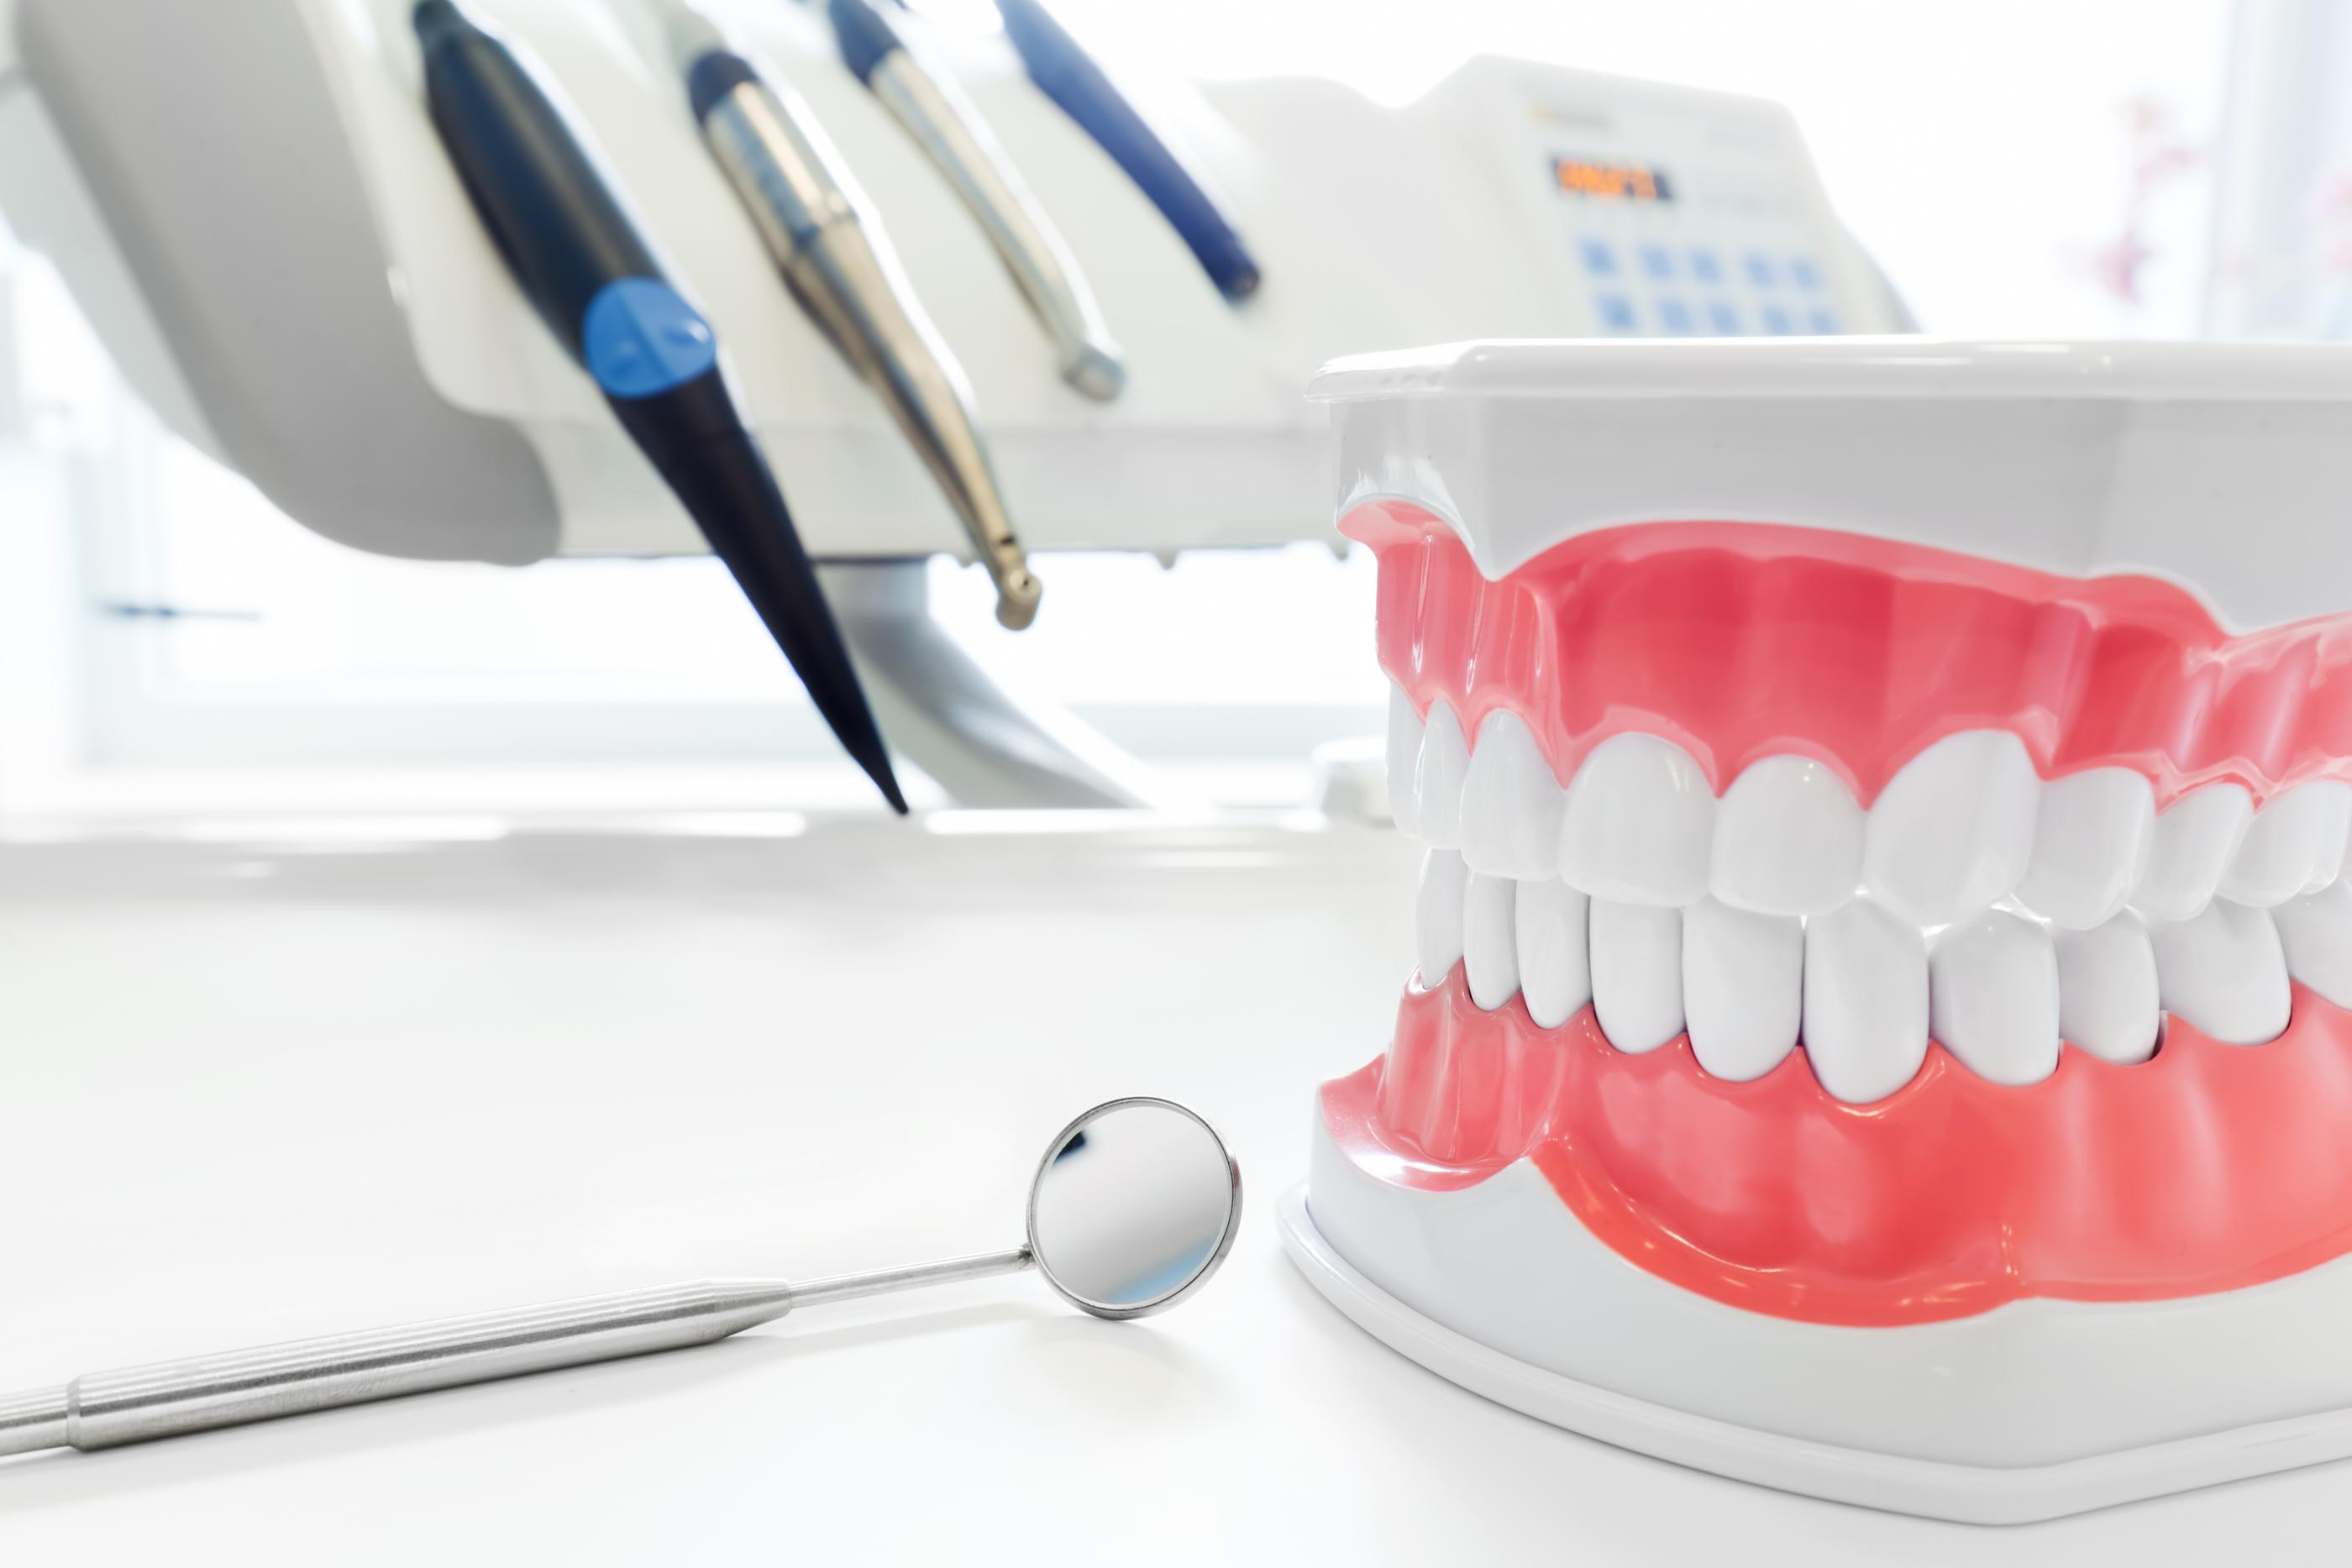 Февраля, картинки стоматологические